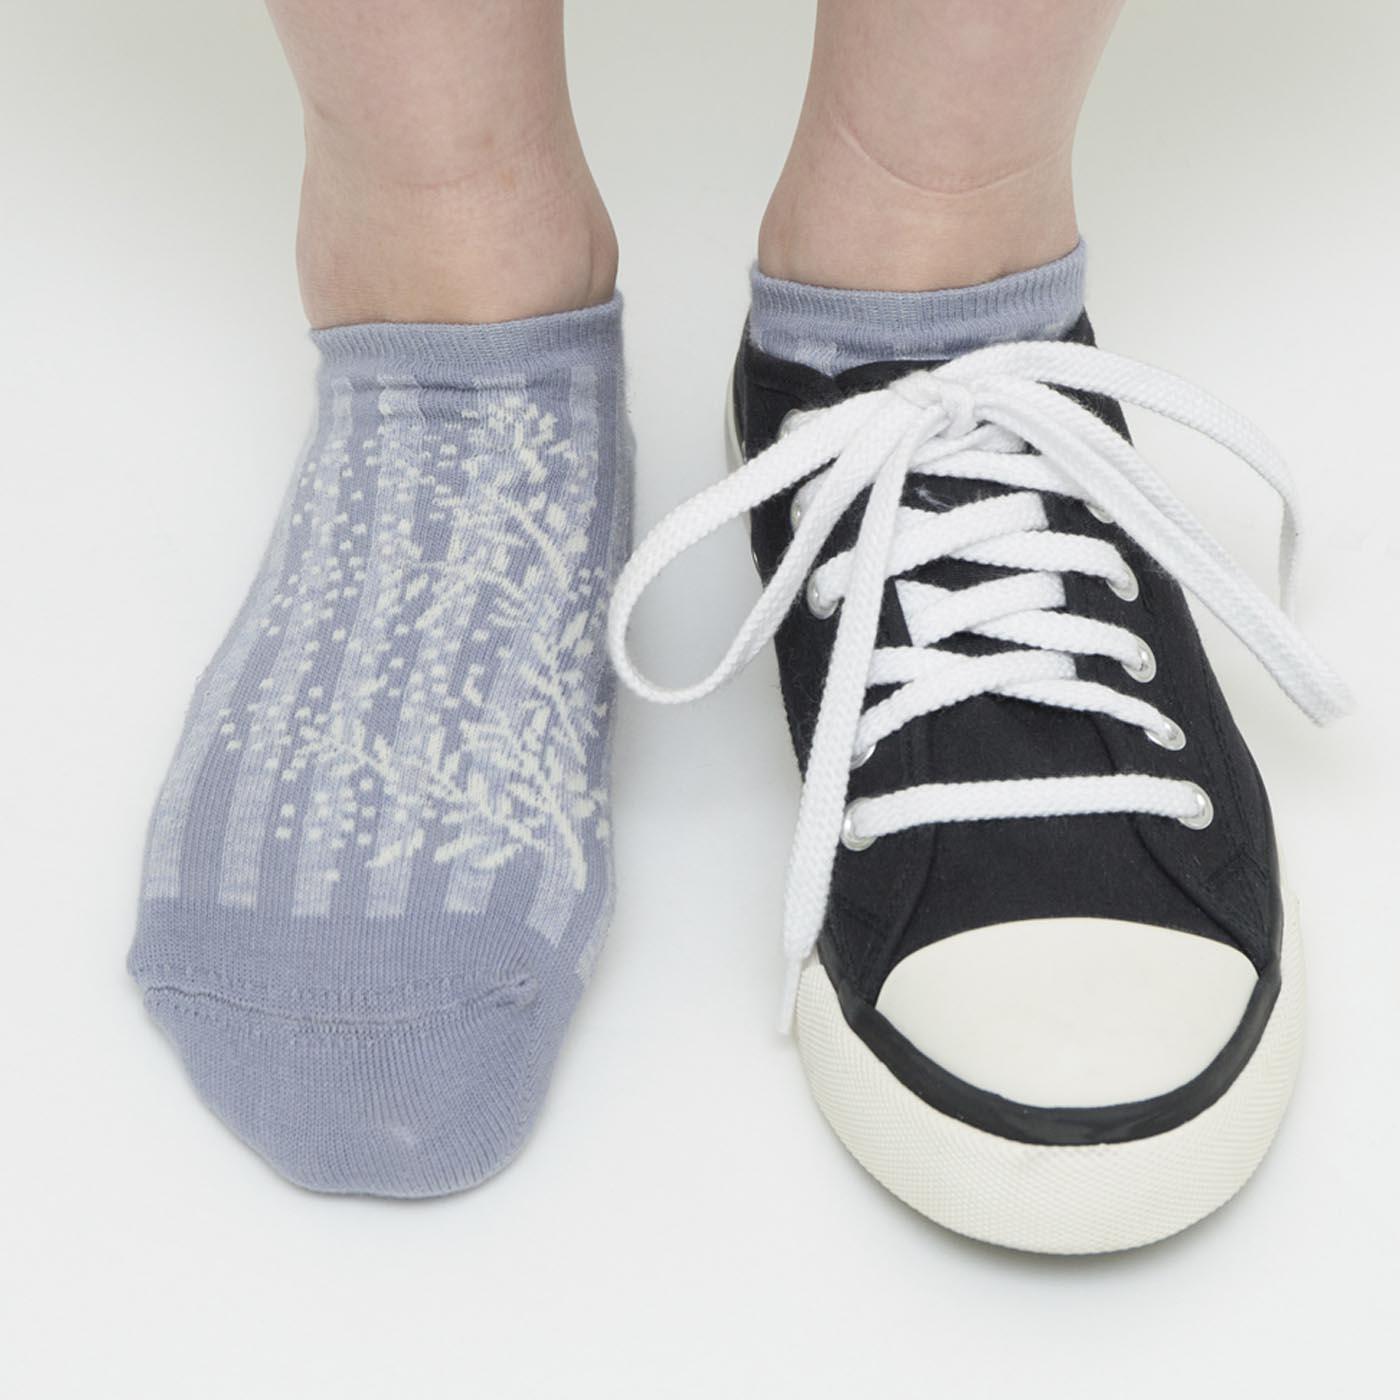 足の甲にも素敵なデザイン。靴を脱いだときにもテンションが上がります。